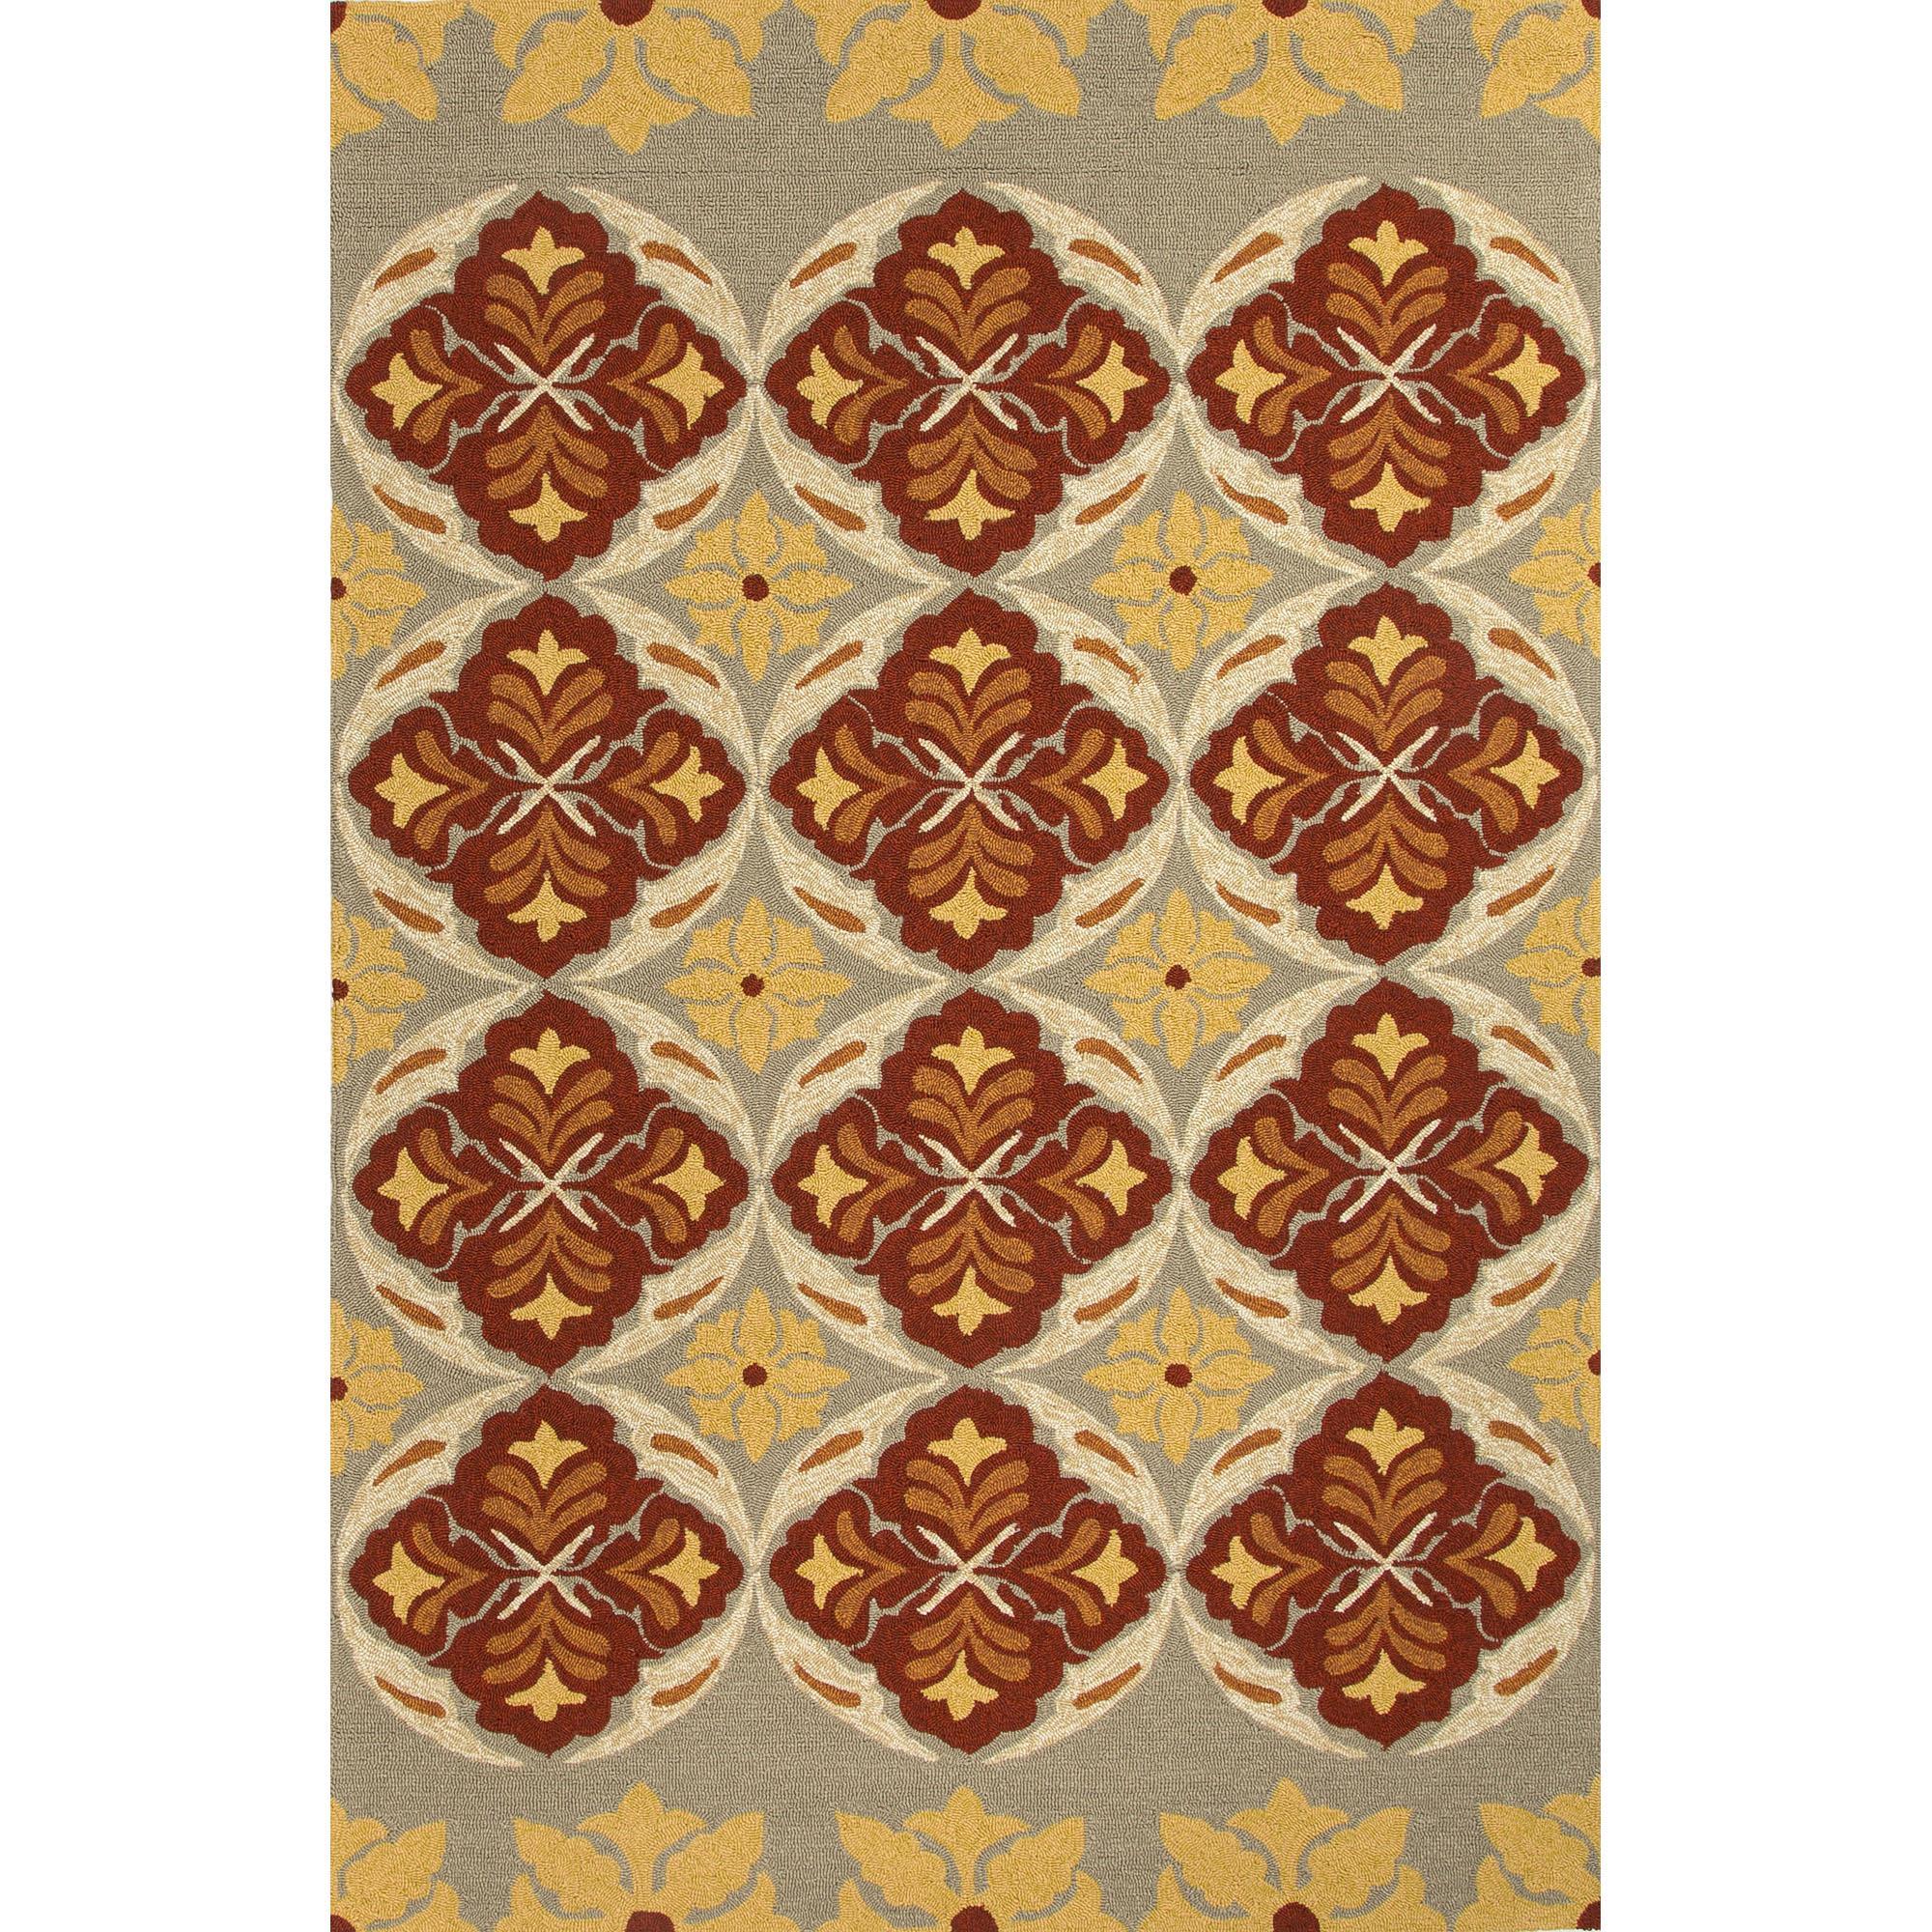 JAIPUR Rugs Barcelona I-o 7.6 x 9.6 Rug - Item Number: RUG116410